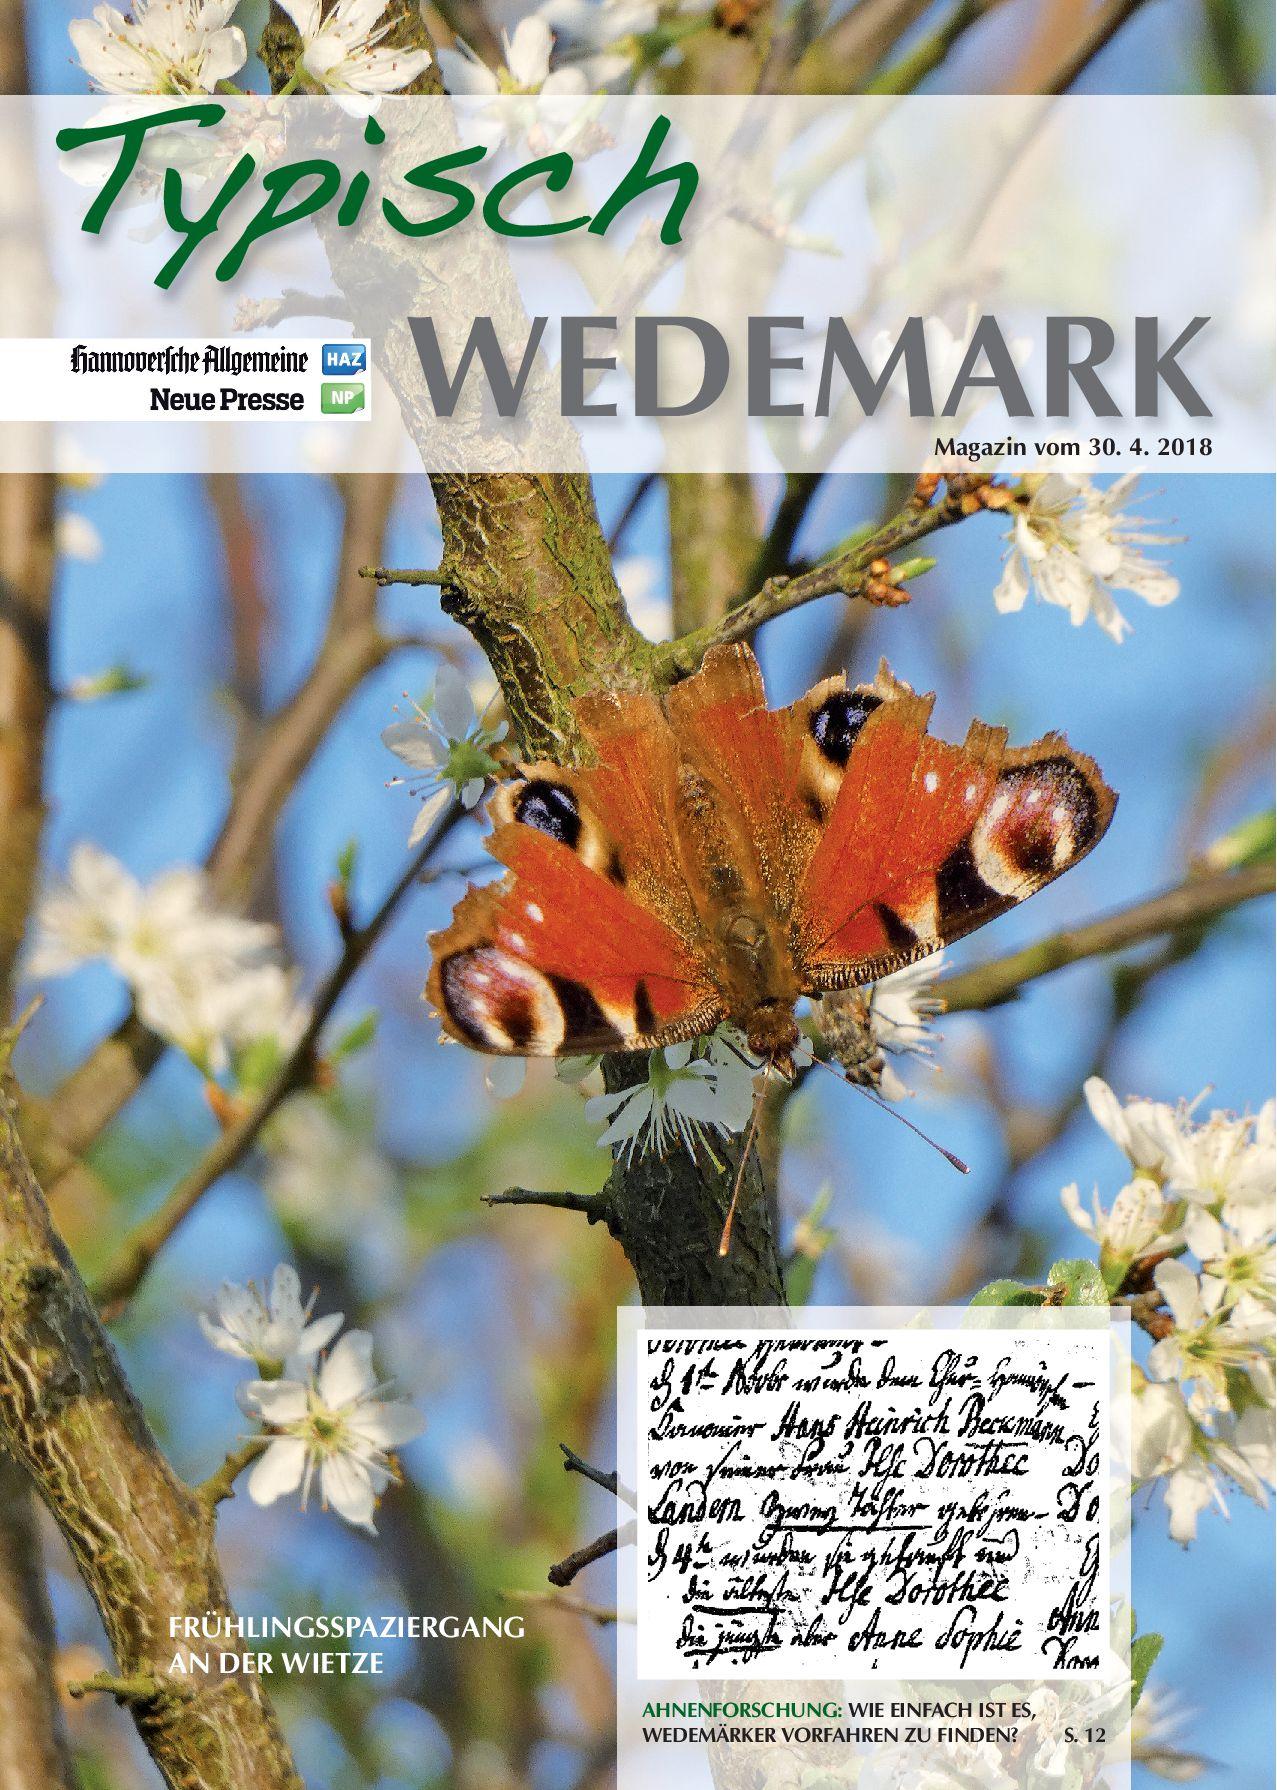 wedemark-vom-30-04-2018